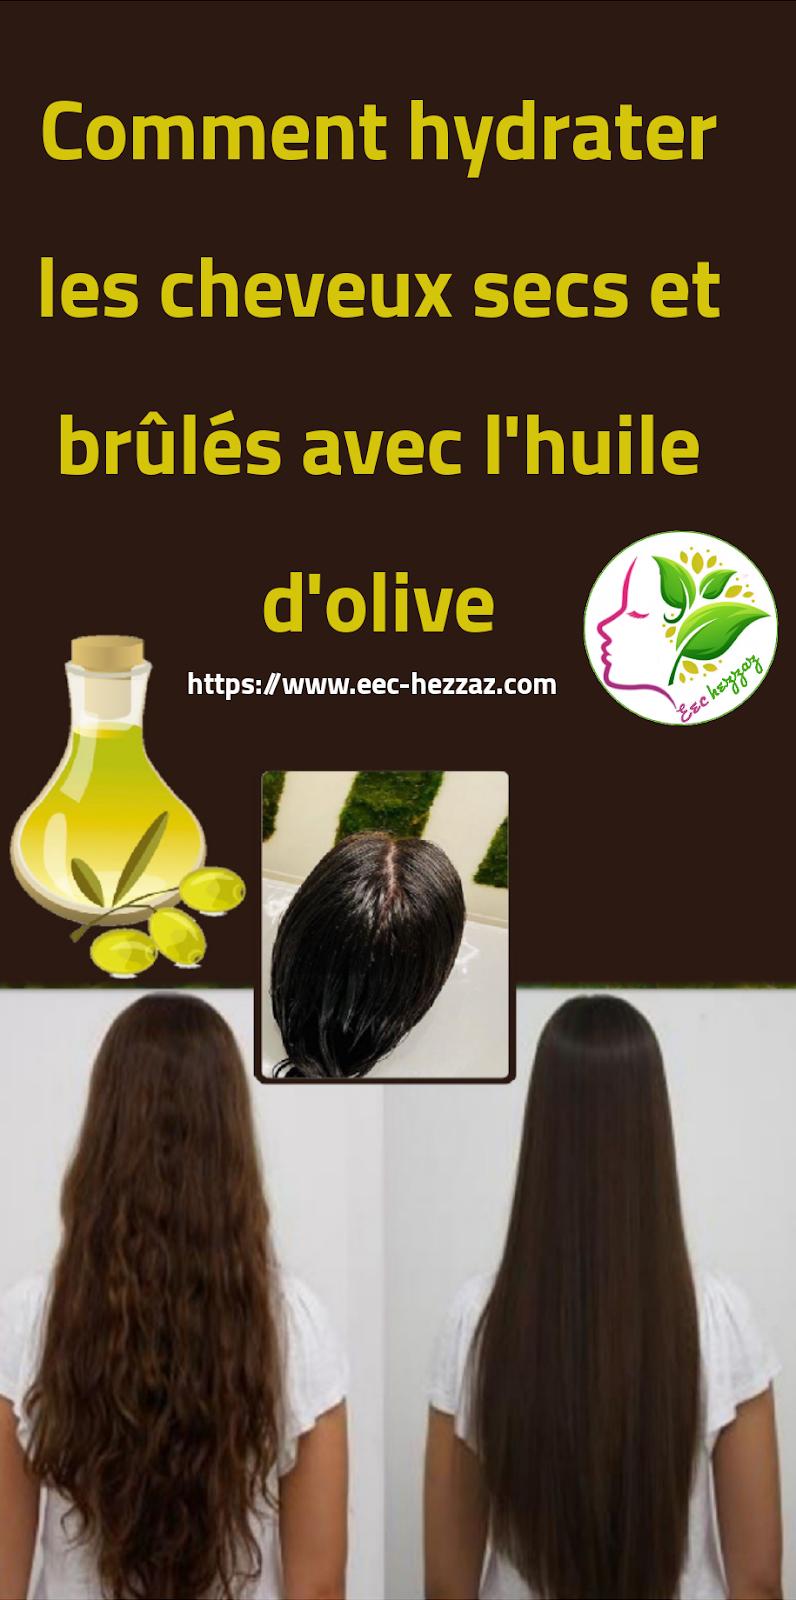 Comment hydrater les cheveux secs et brûlés avec l'huile d'olive